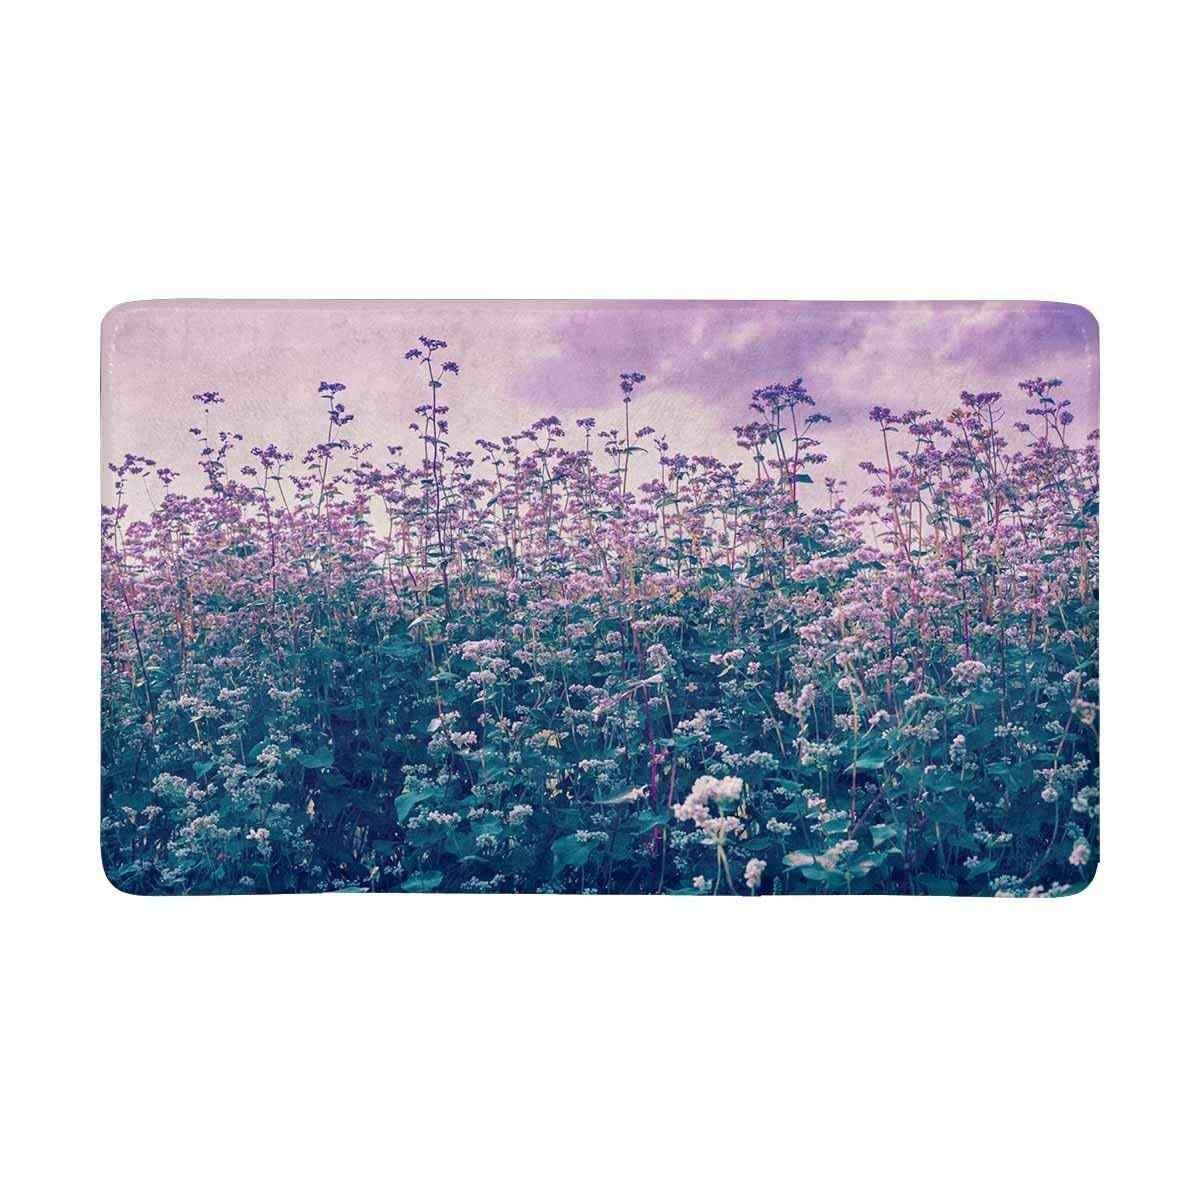 Винтаж Фиолетовый Гречневое поле коврик анти-скольжения входной коврик пол ковер крытый/передняя дверь коврики домашний декор резиновая подложка большой